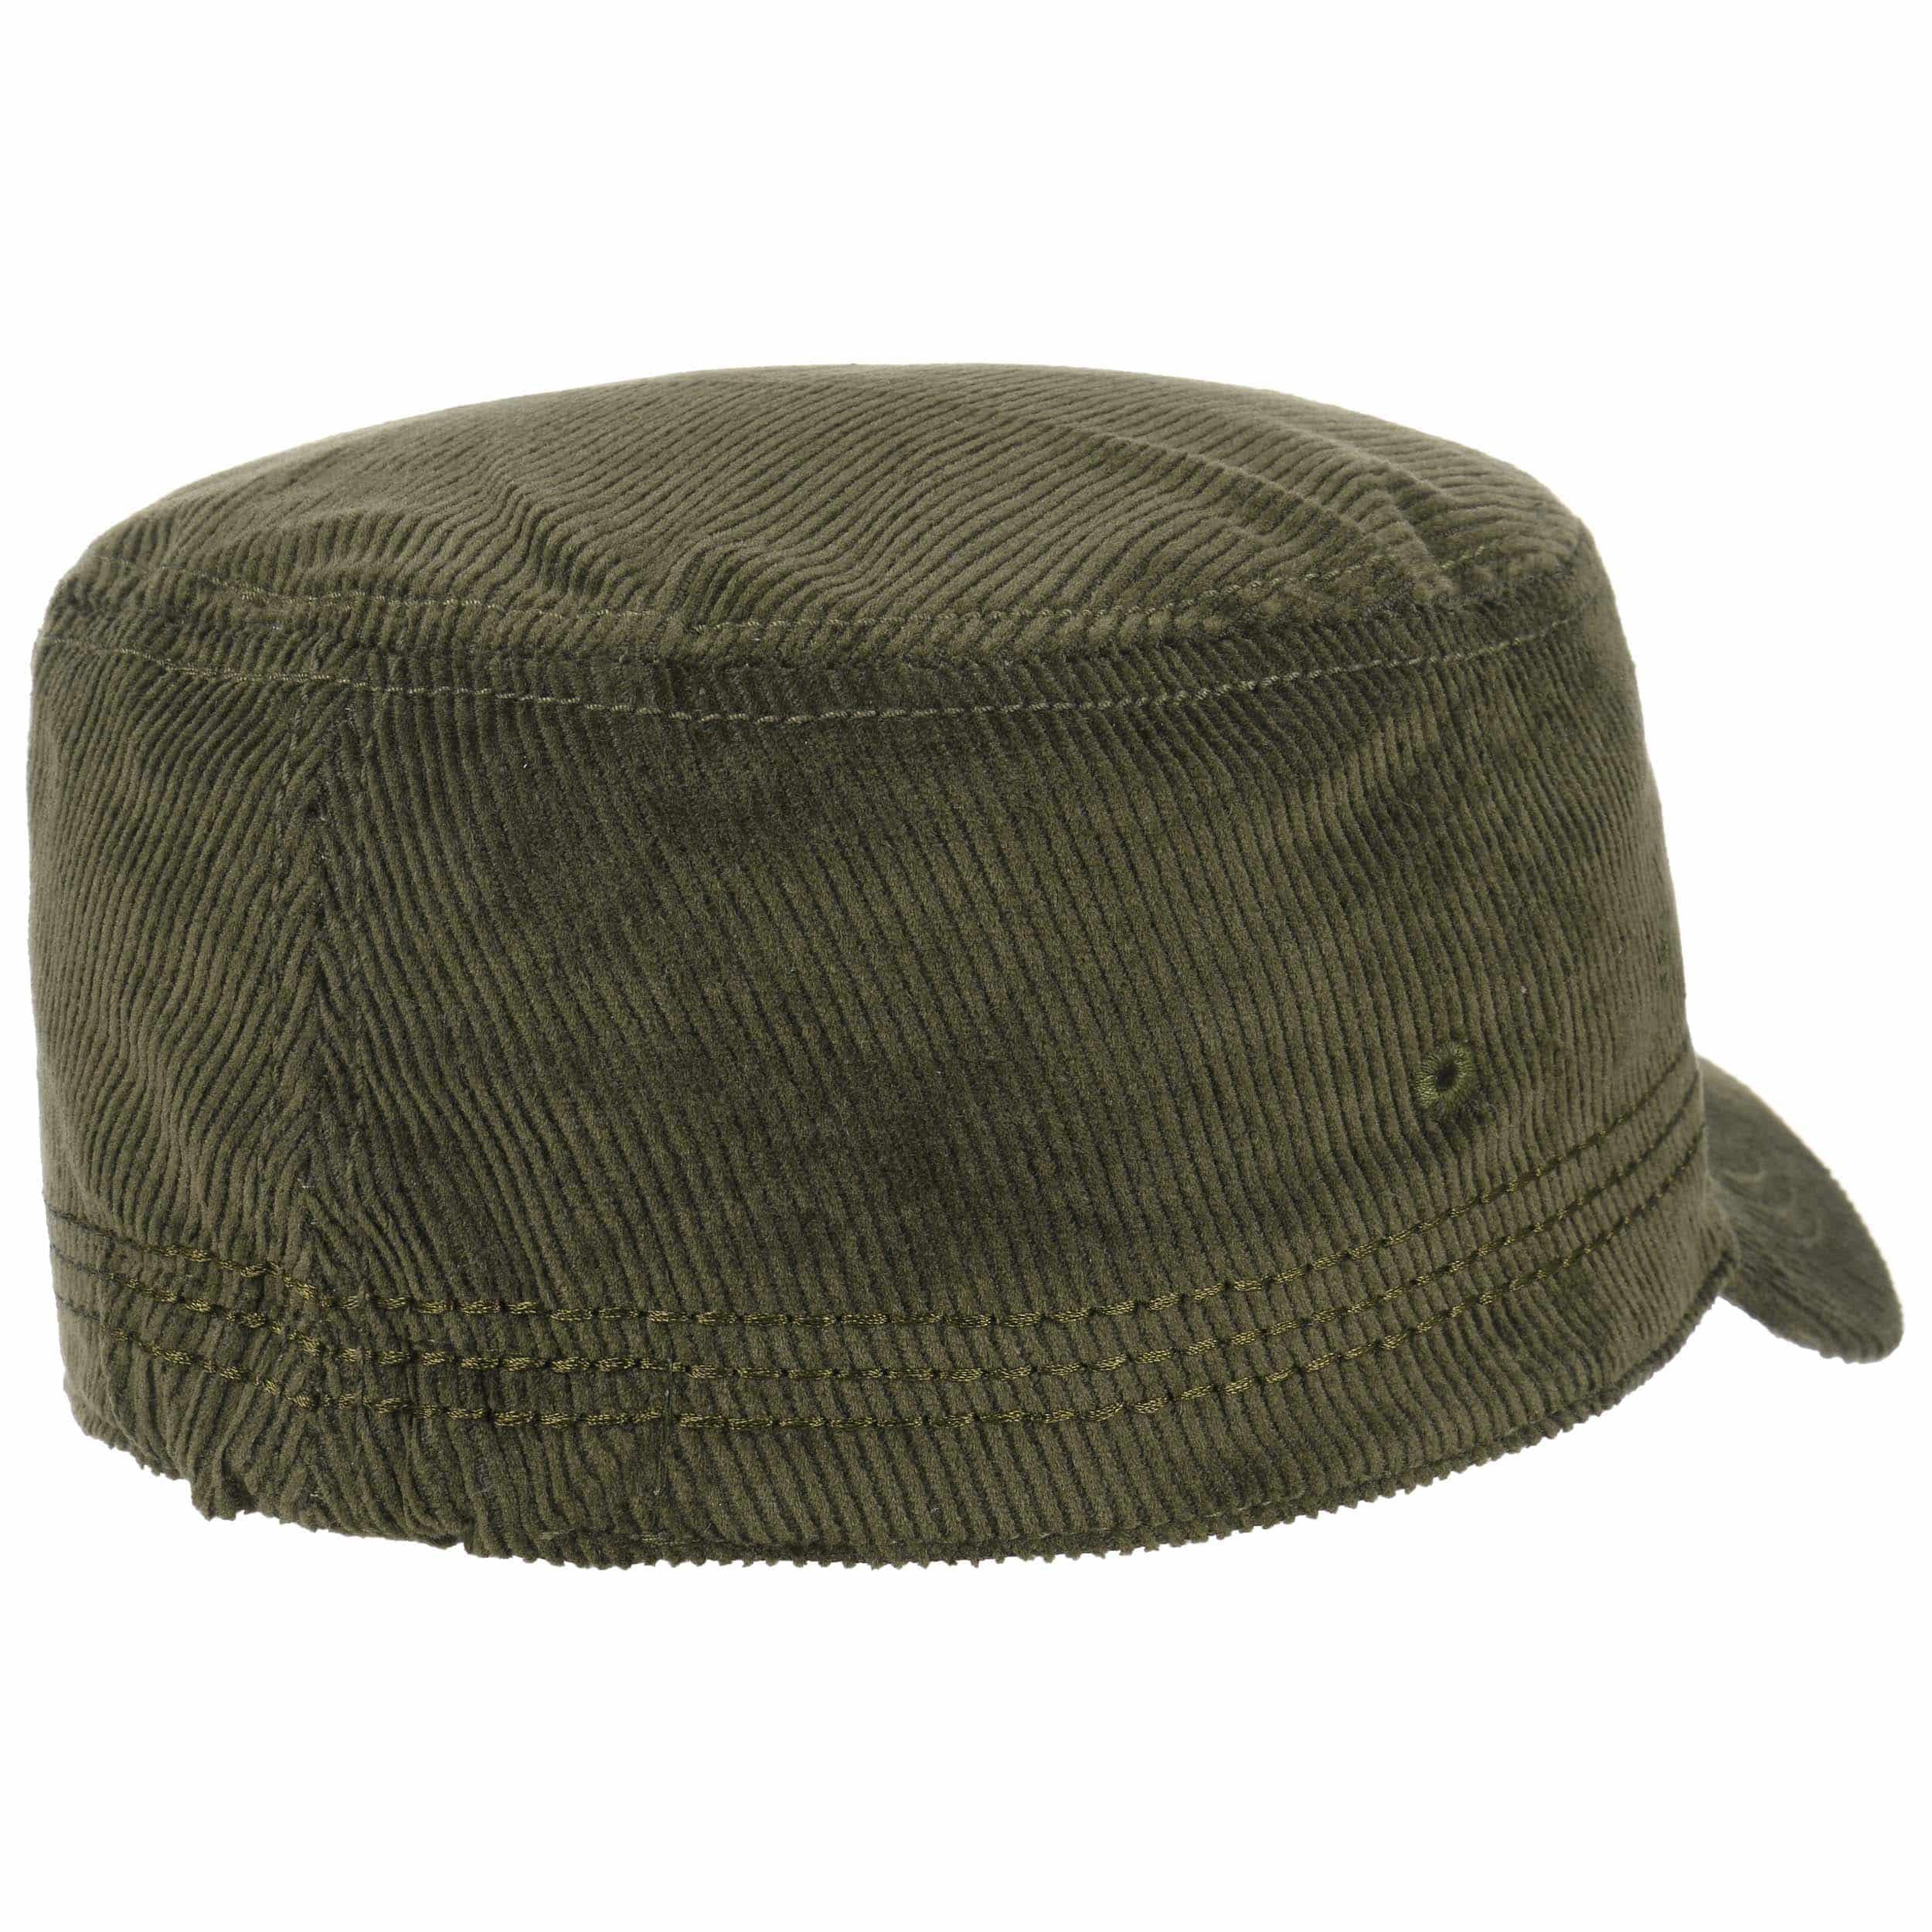 Casquette Army S//M Marron Bonnet en Noir Casquette Plate en 100/% de Coton Olive L//XL Taille r/églable Beige Lipodo Casquette Urbaine Army Femmes//Hommes